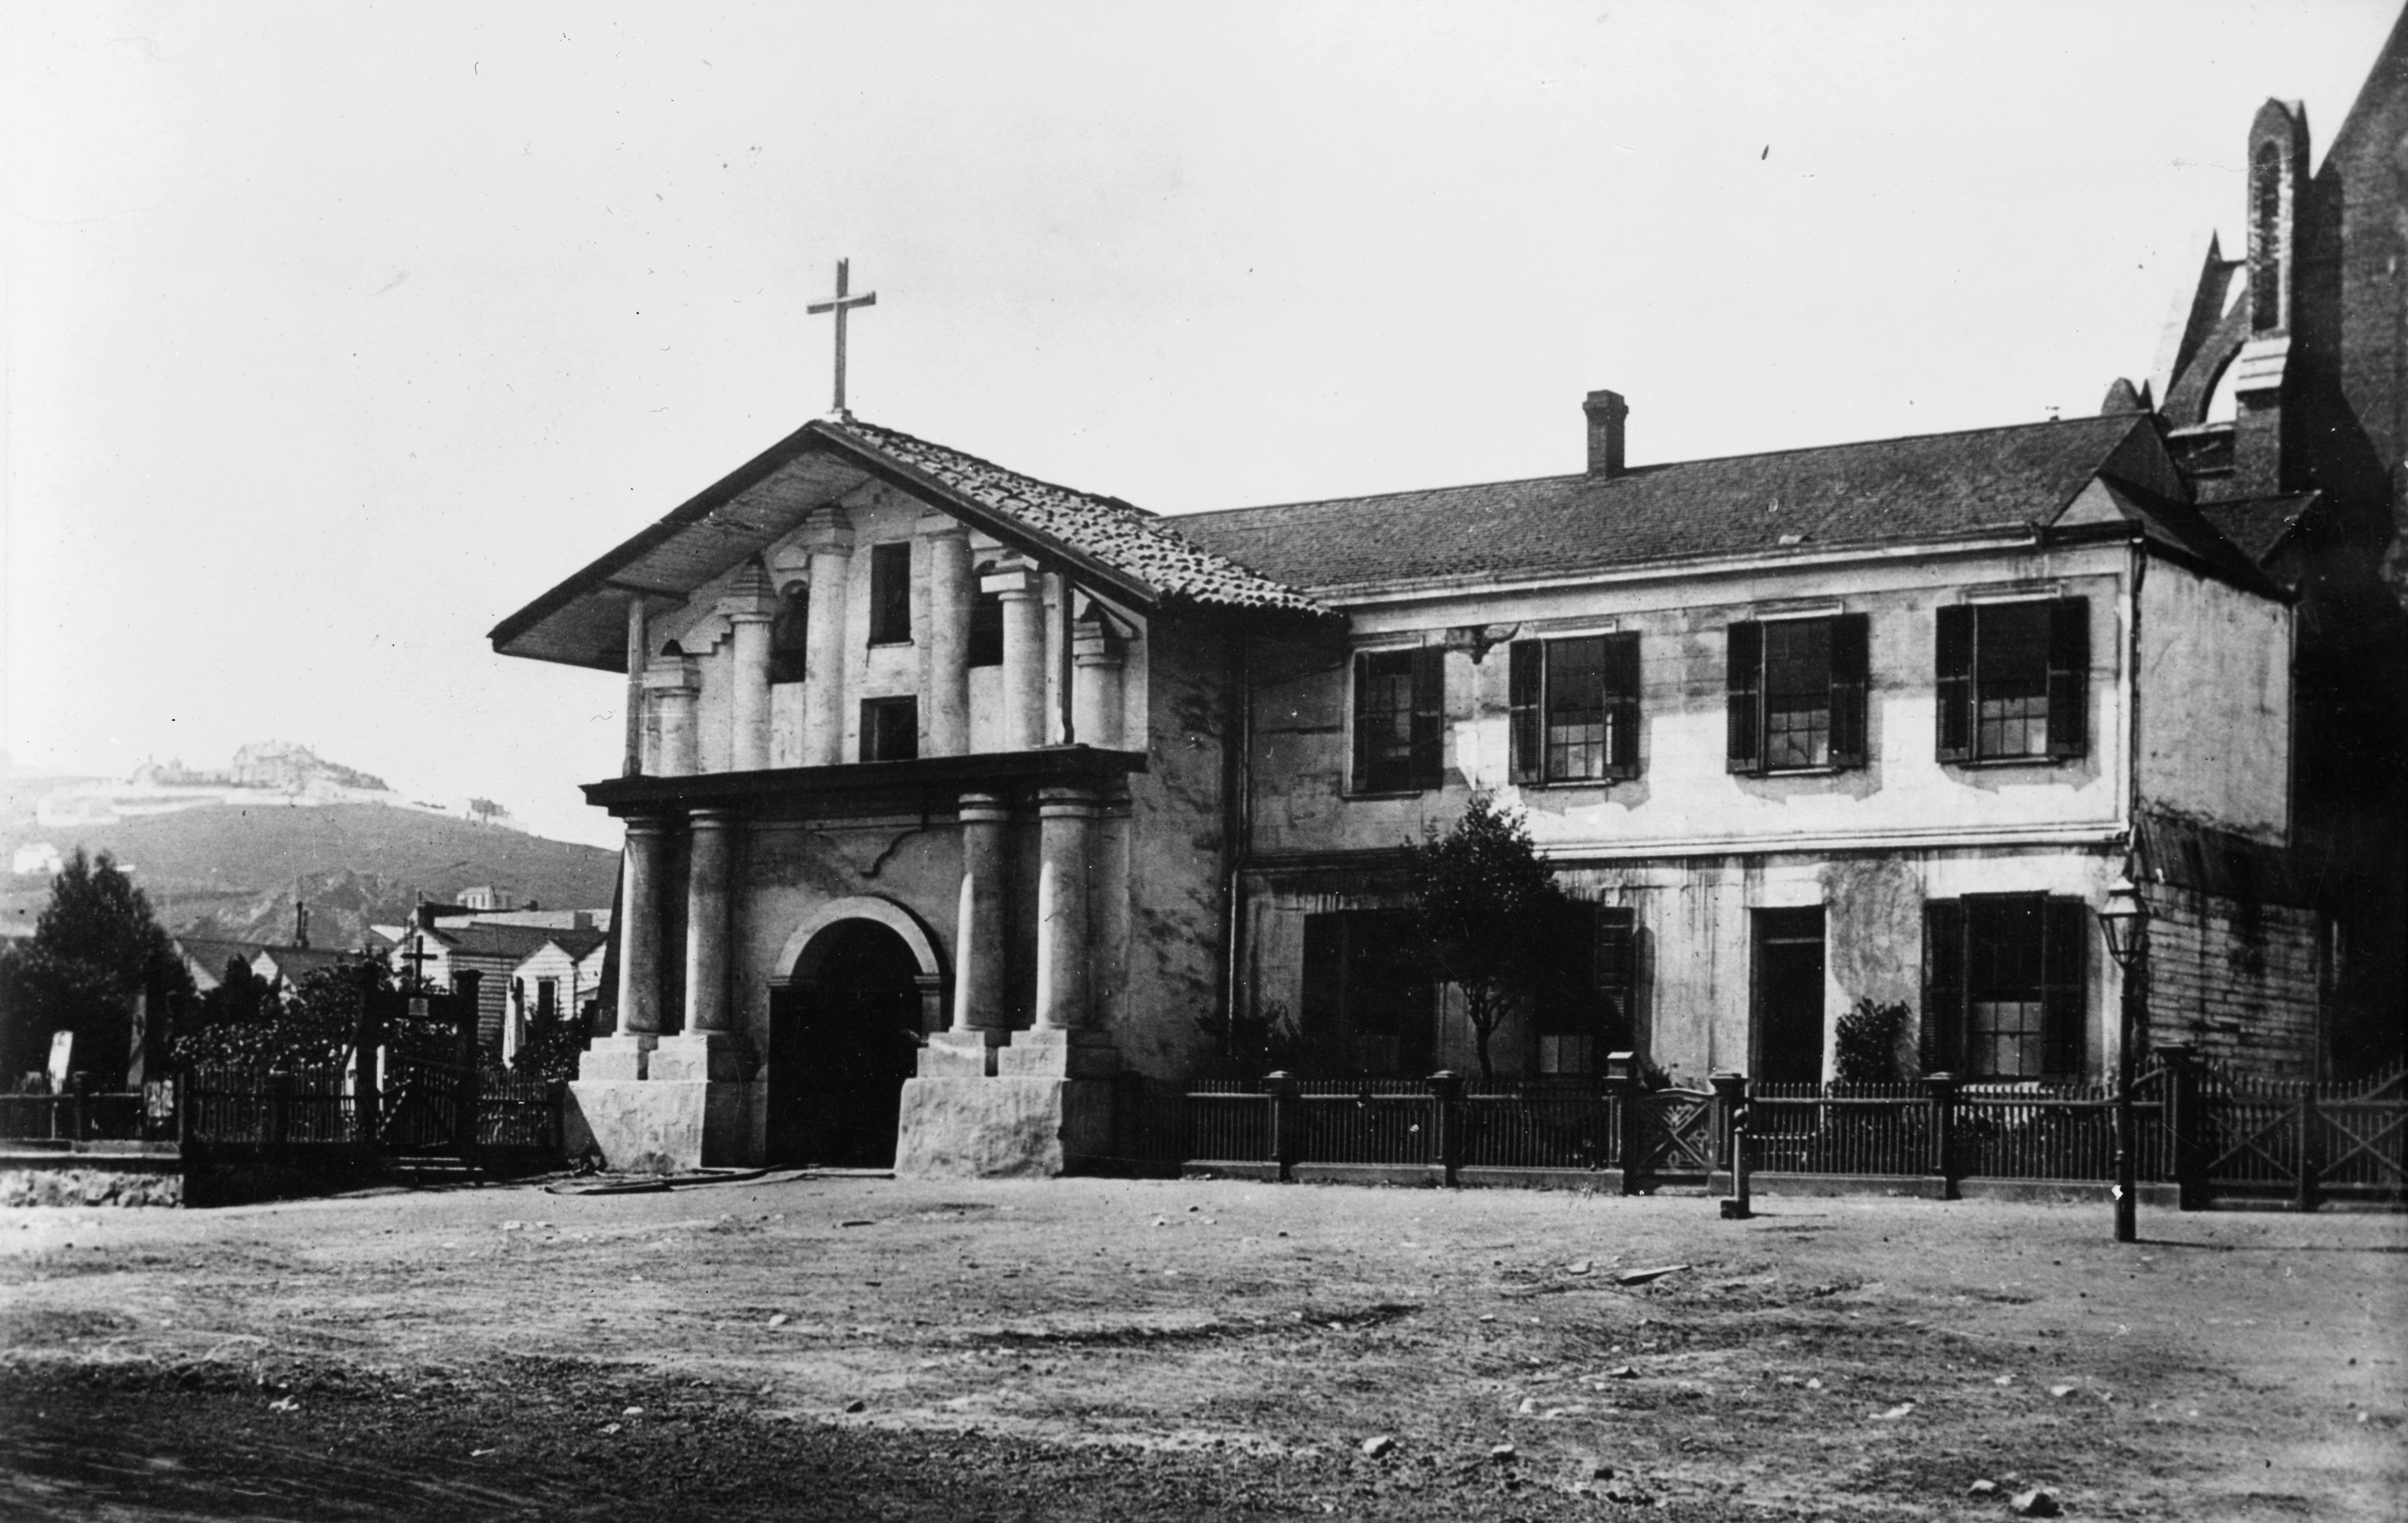 Archivo:Mission San Francisco de Asis old.jpg